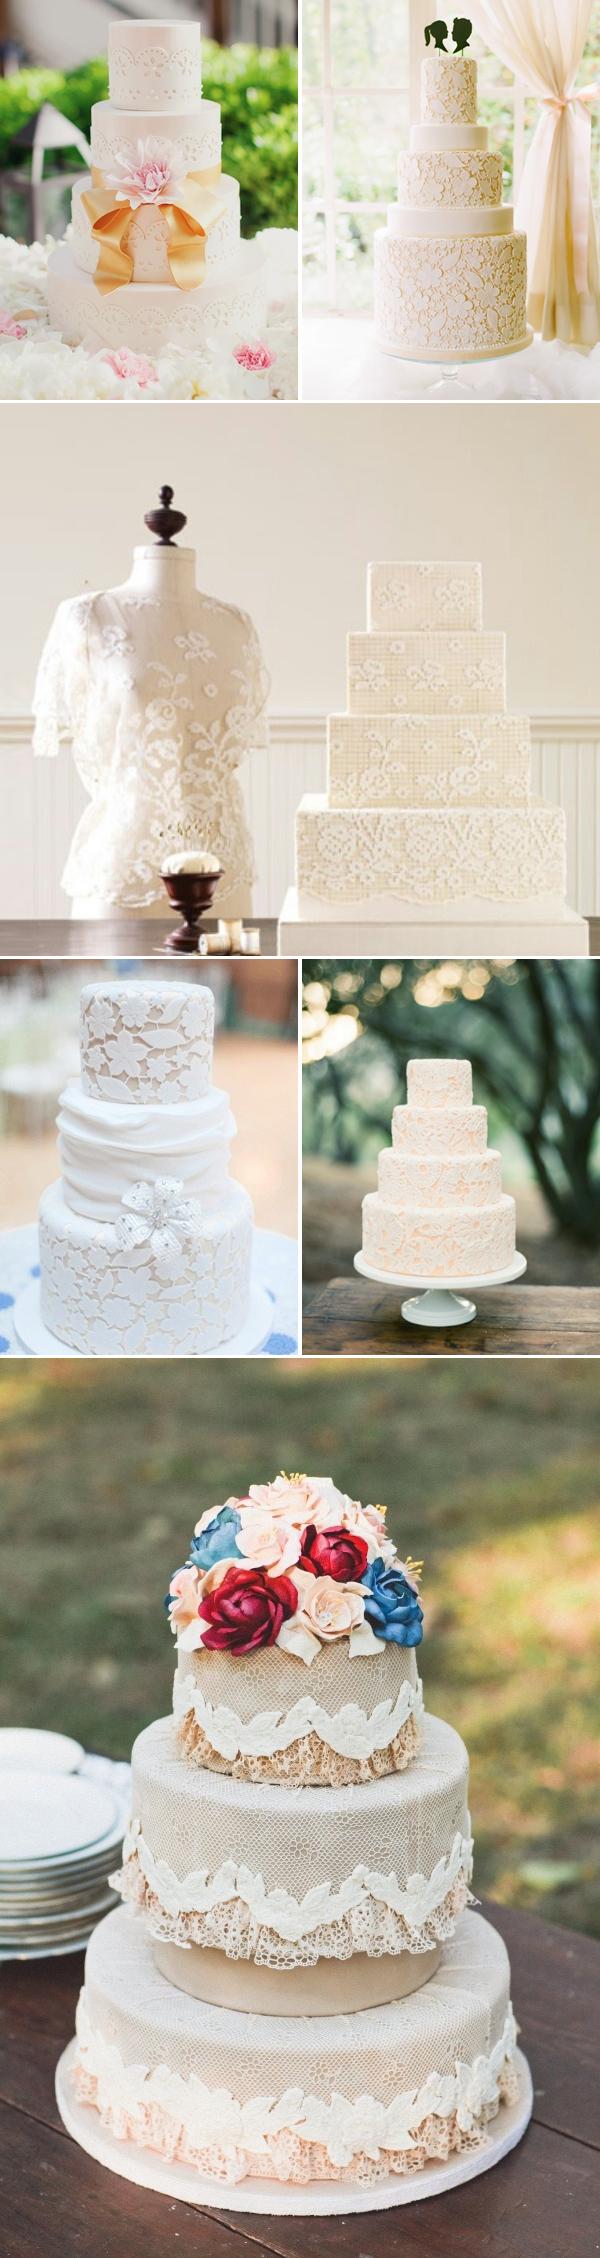 lace wedding cakes-white